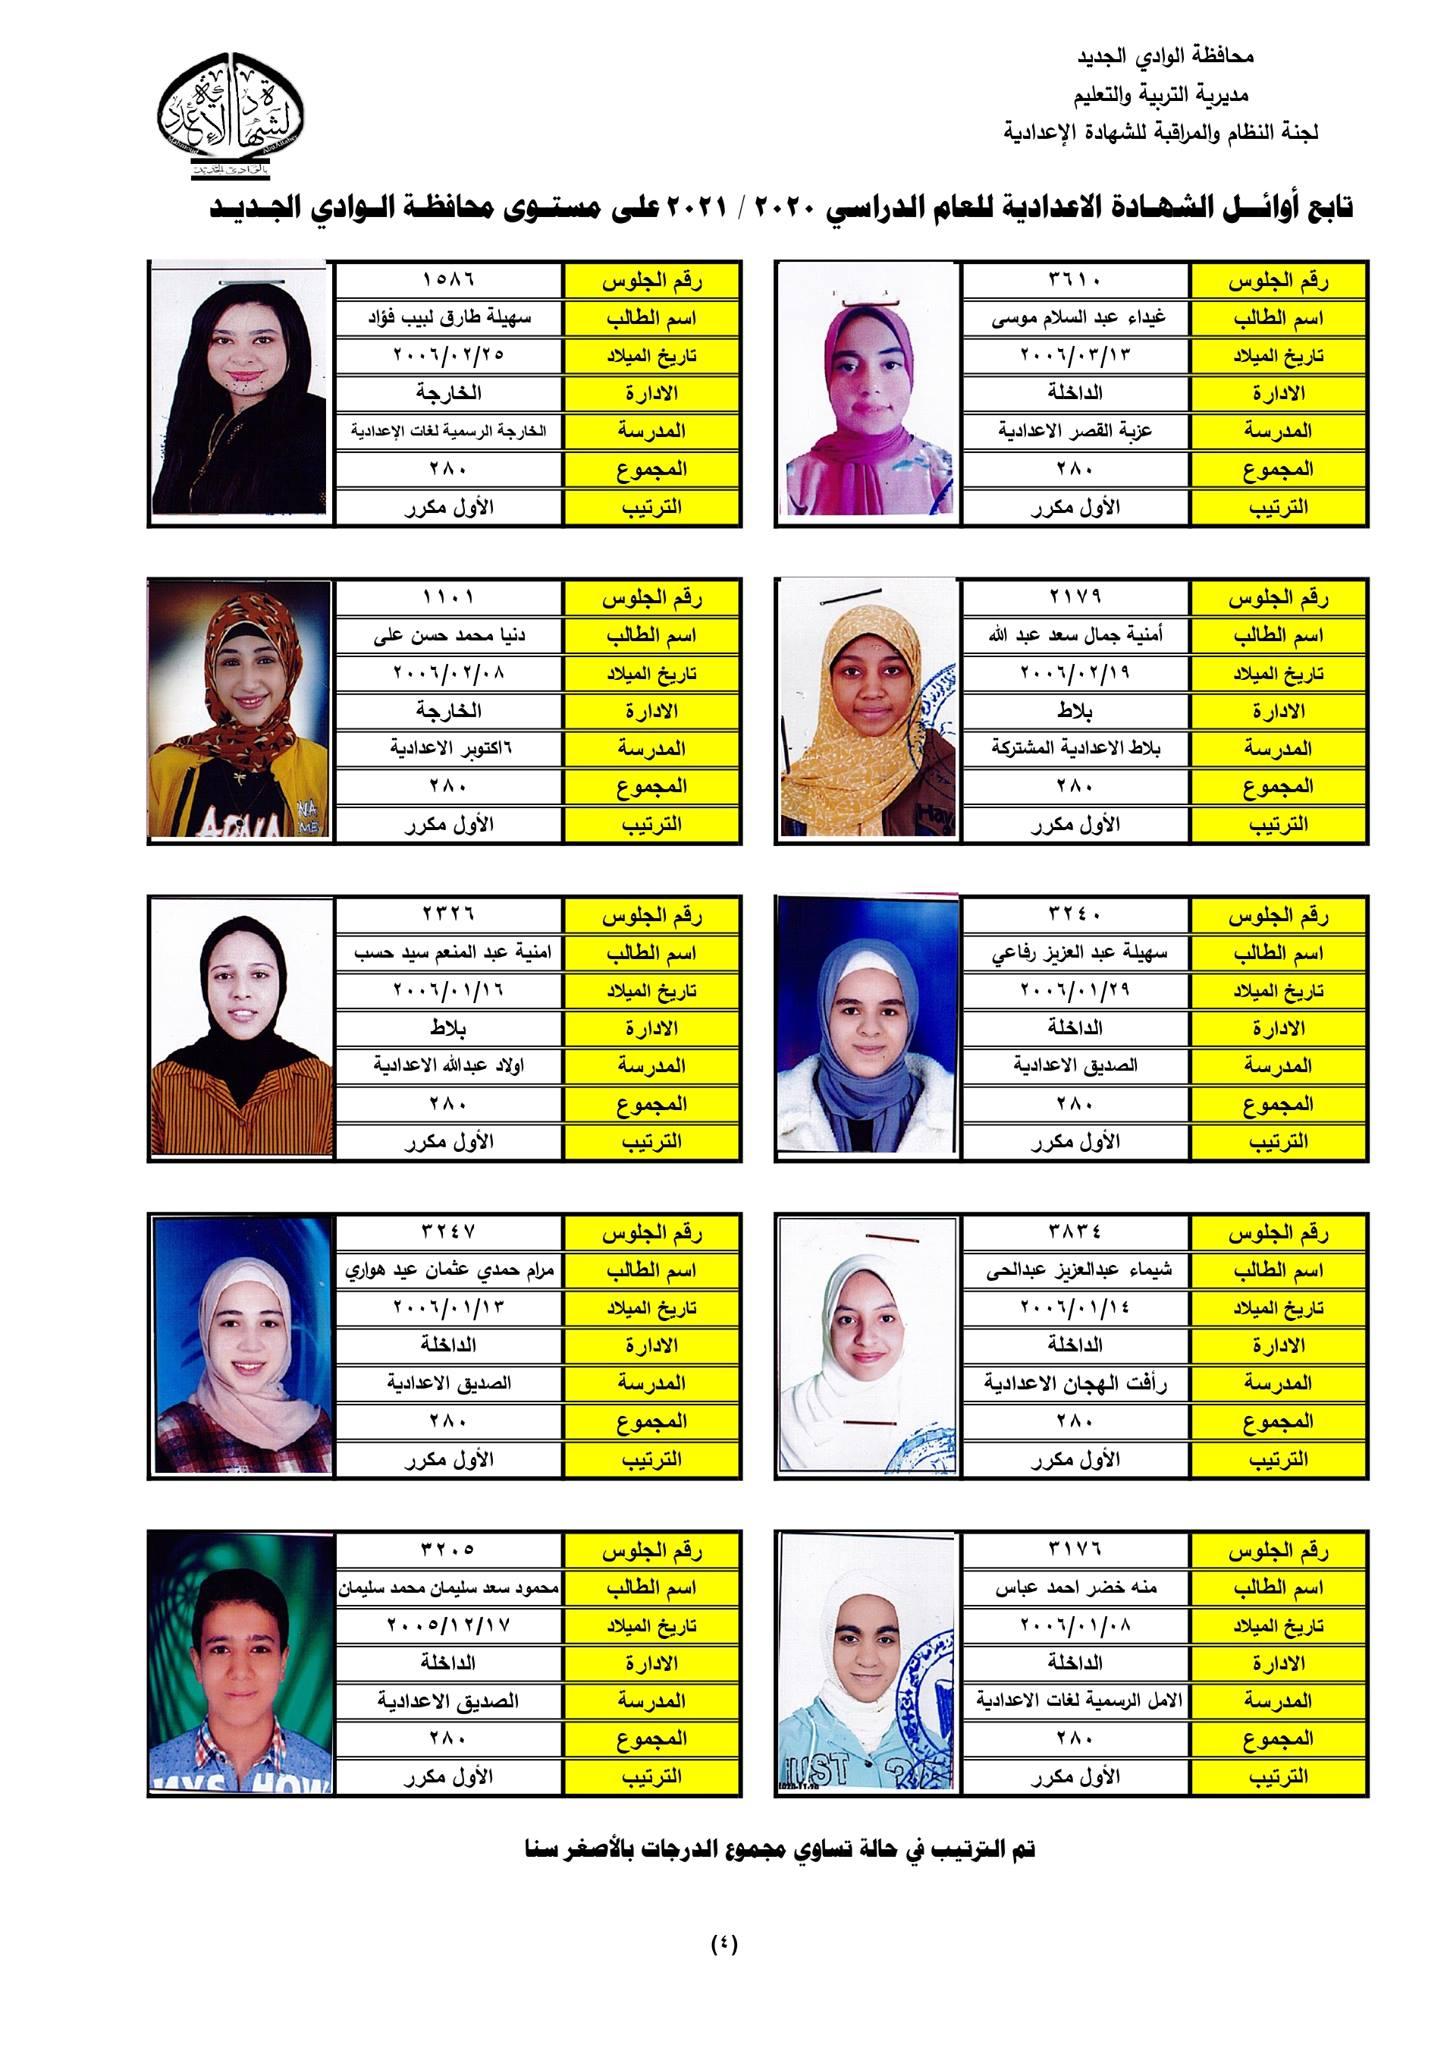 نتيجة الشهادة الإعدادية 2021 محافظة الوادي الجديد  8